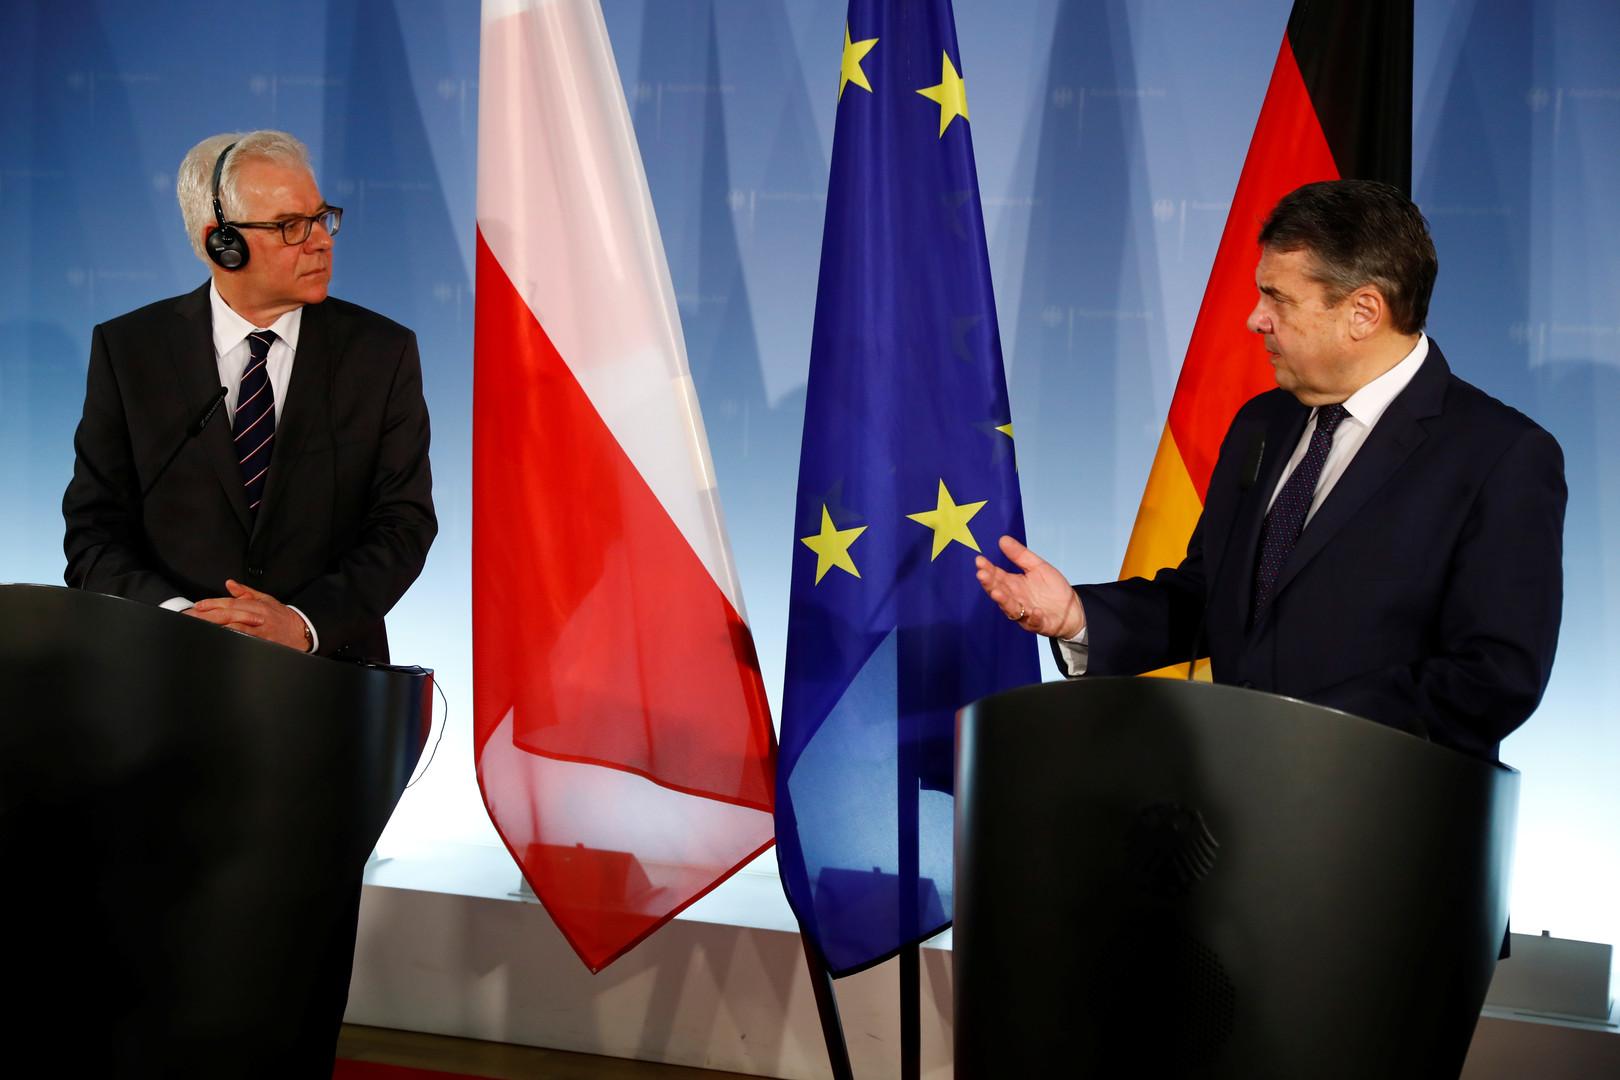 Pläne des polnischen Außenministers: Mitarbeiter mit Moskauer Diplomen sollen gehen